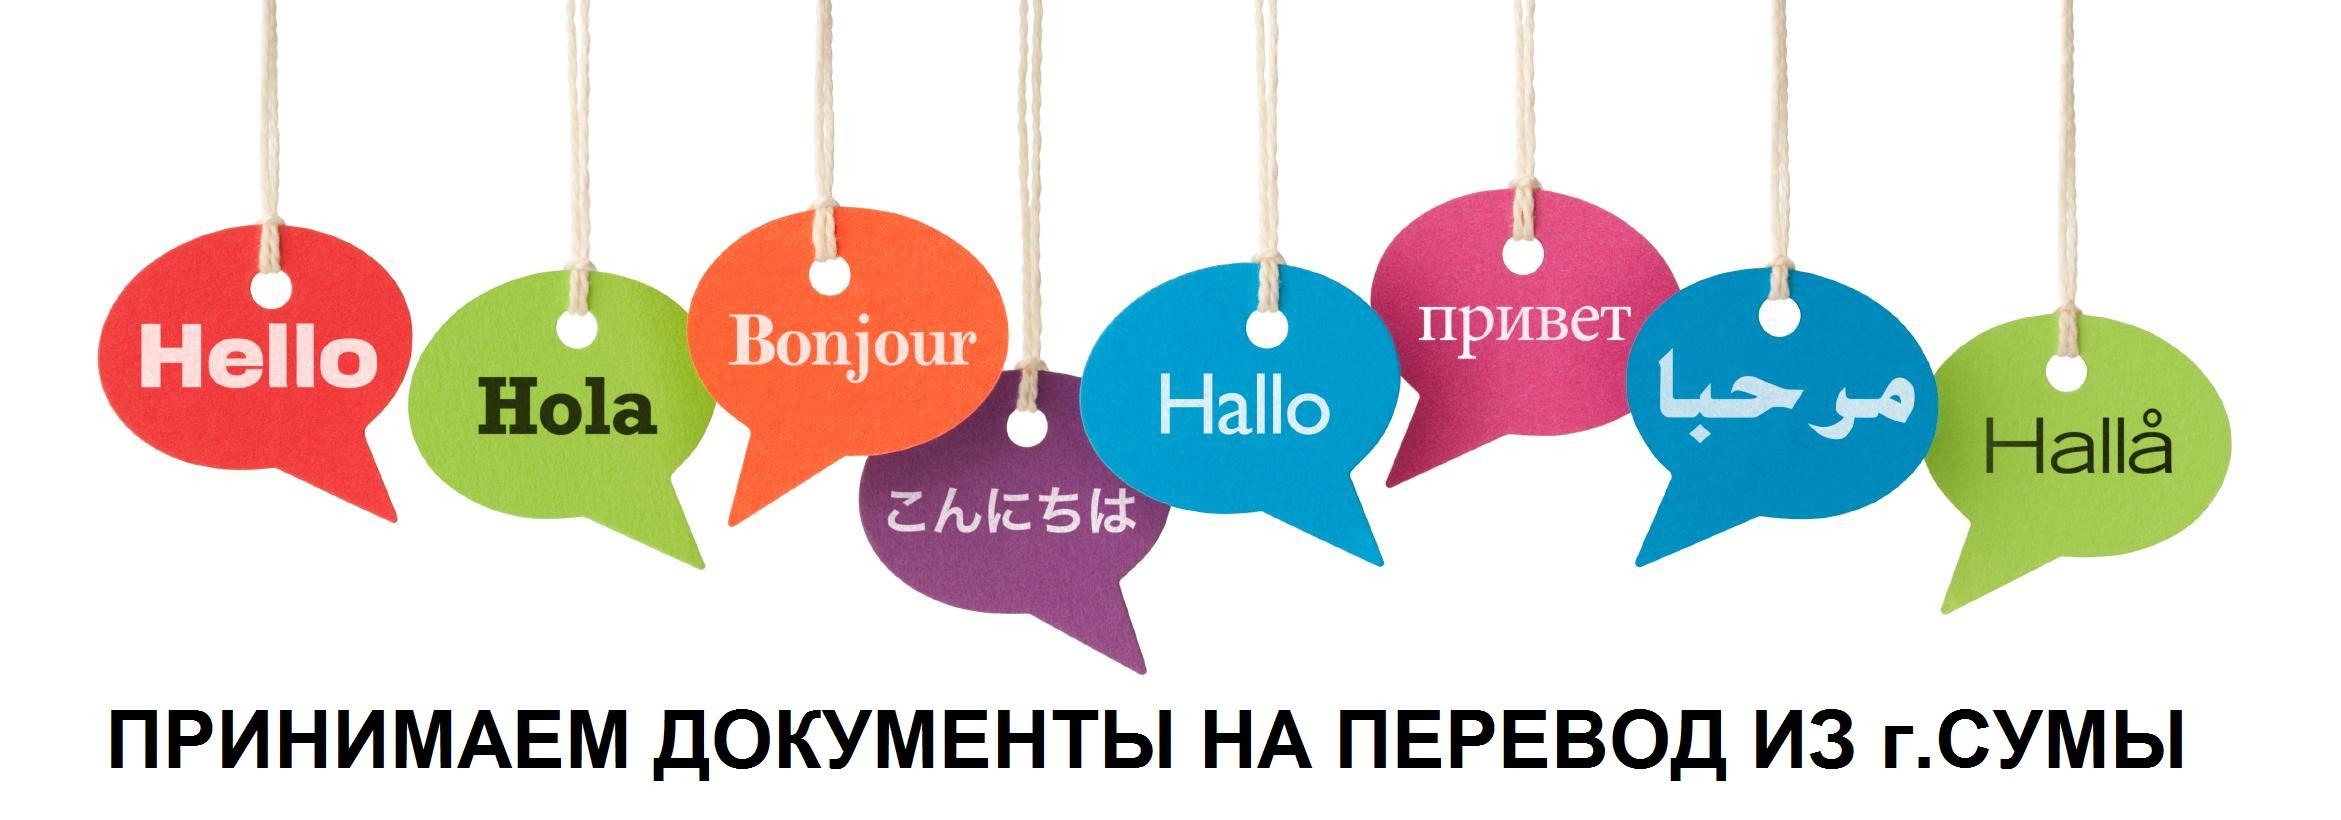 ПРИНИМАЕМ ДОКУМЕНТЫ НА ПЕРЕВОД ИЗ г.СУМЫ - SpravkaInform.com.ua